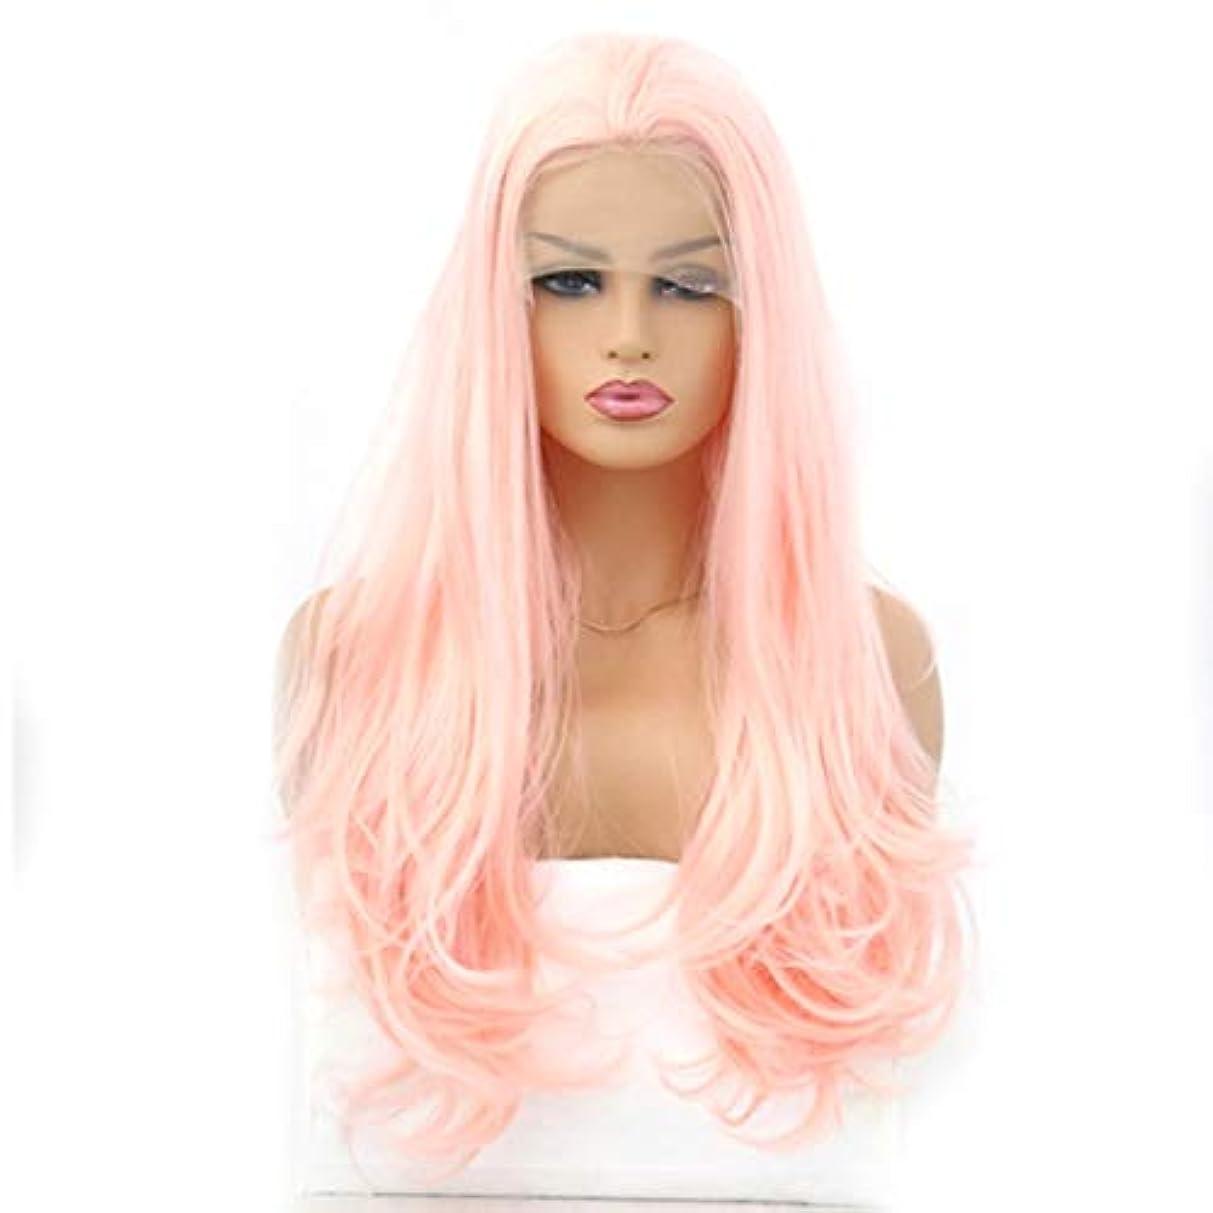 さびたスモッグ広告するKerwinner 女性のためのウィッグライトピンク化学繊維フロントレースロングカーリーヘア (Size : 22 inches)